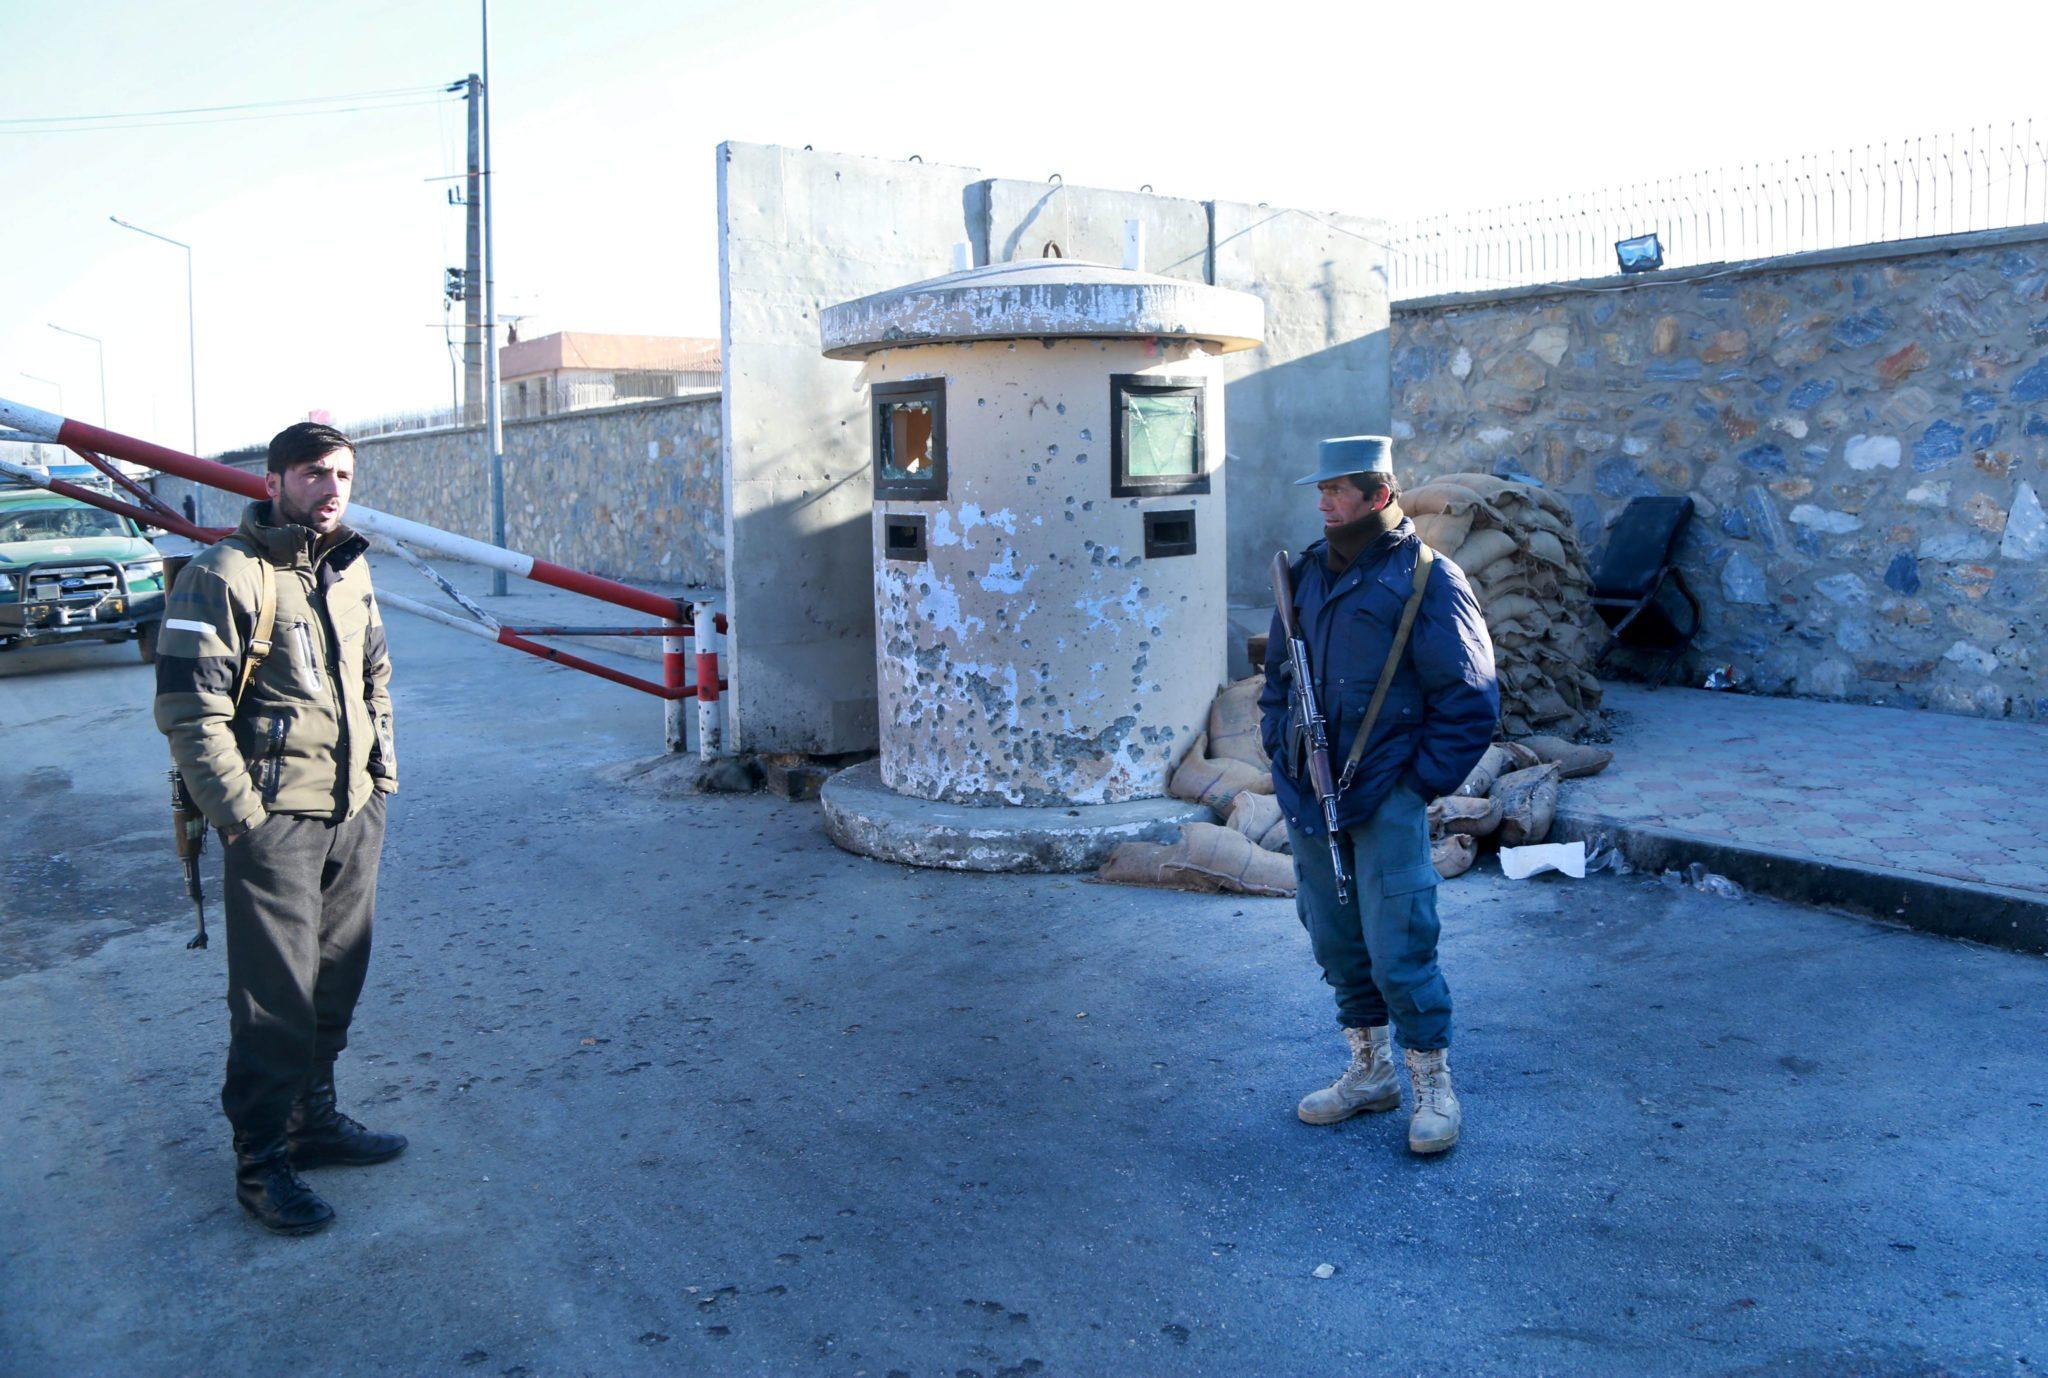 Afganistan: wzmożone kontrole wojskowe spowodowane groźbą ataku bombowego w Kabulu (foto. PAP/EPA/HEDAYATULLAH AMID)